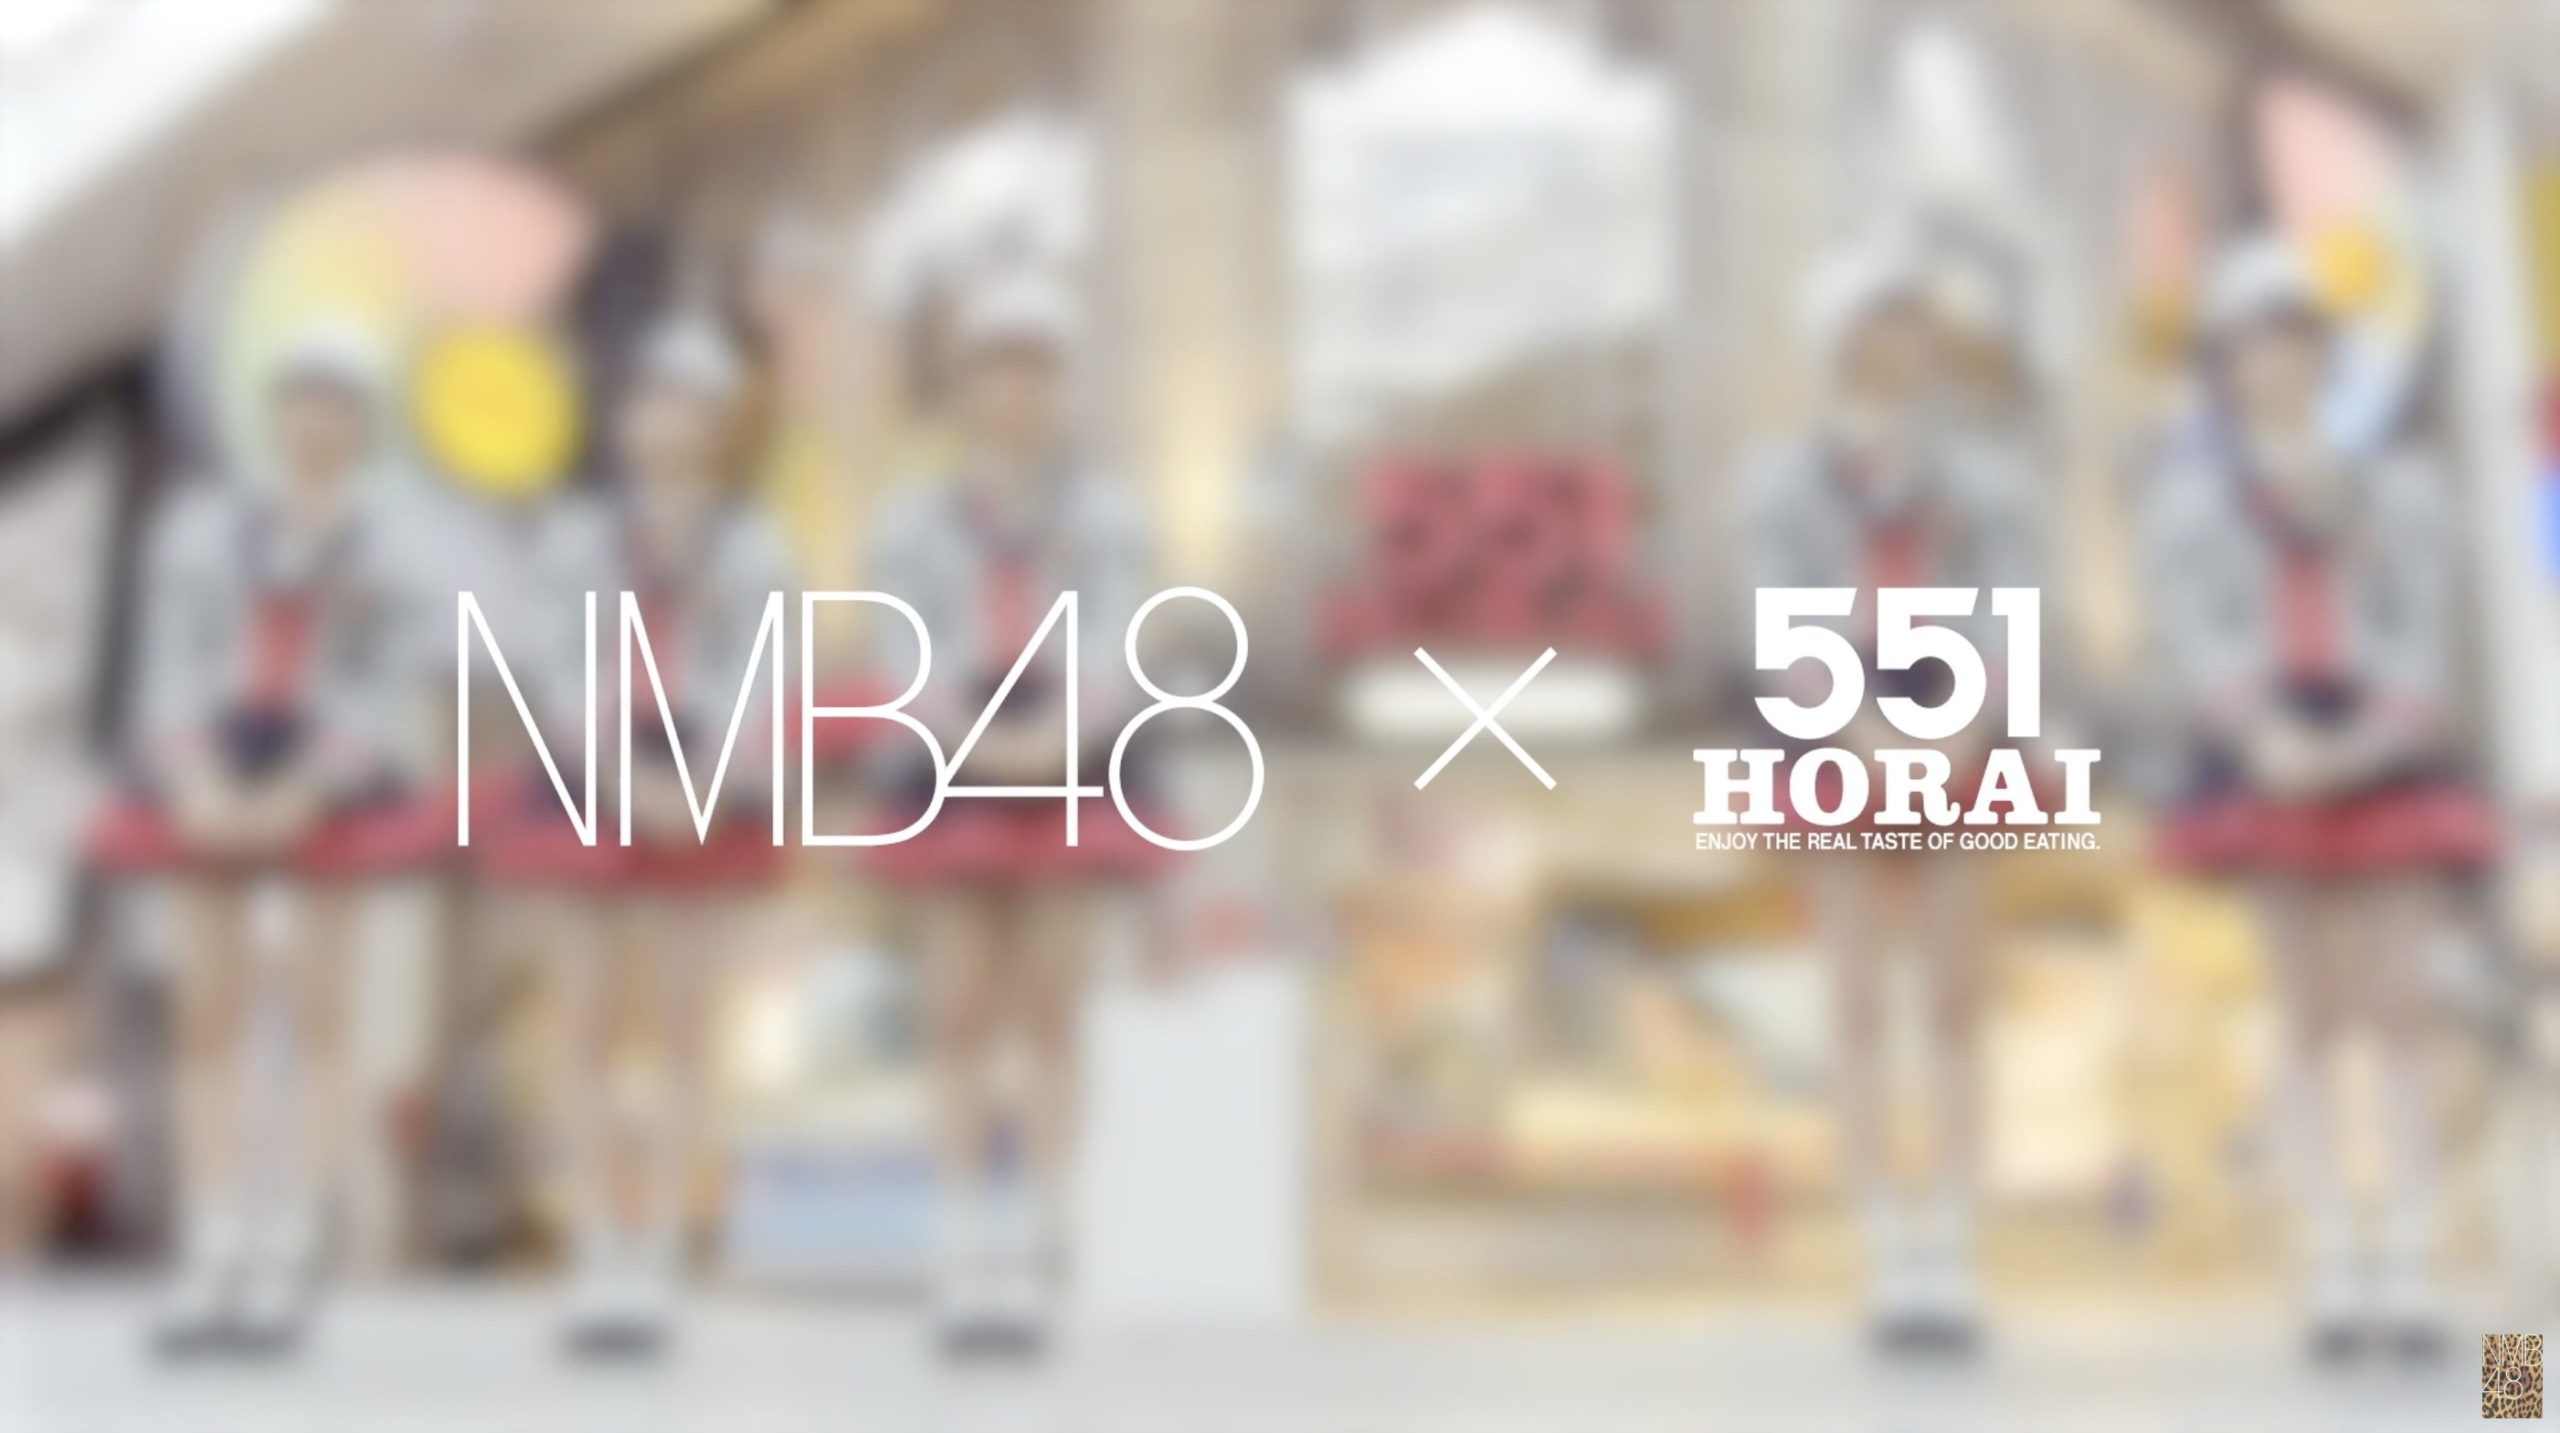 【NMB48】NMB48×551HORAI[♪アイラブ豚まん]のスペシャルムービー